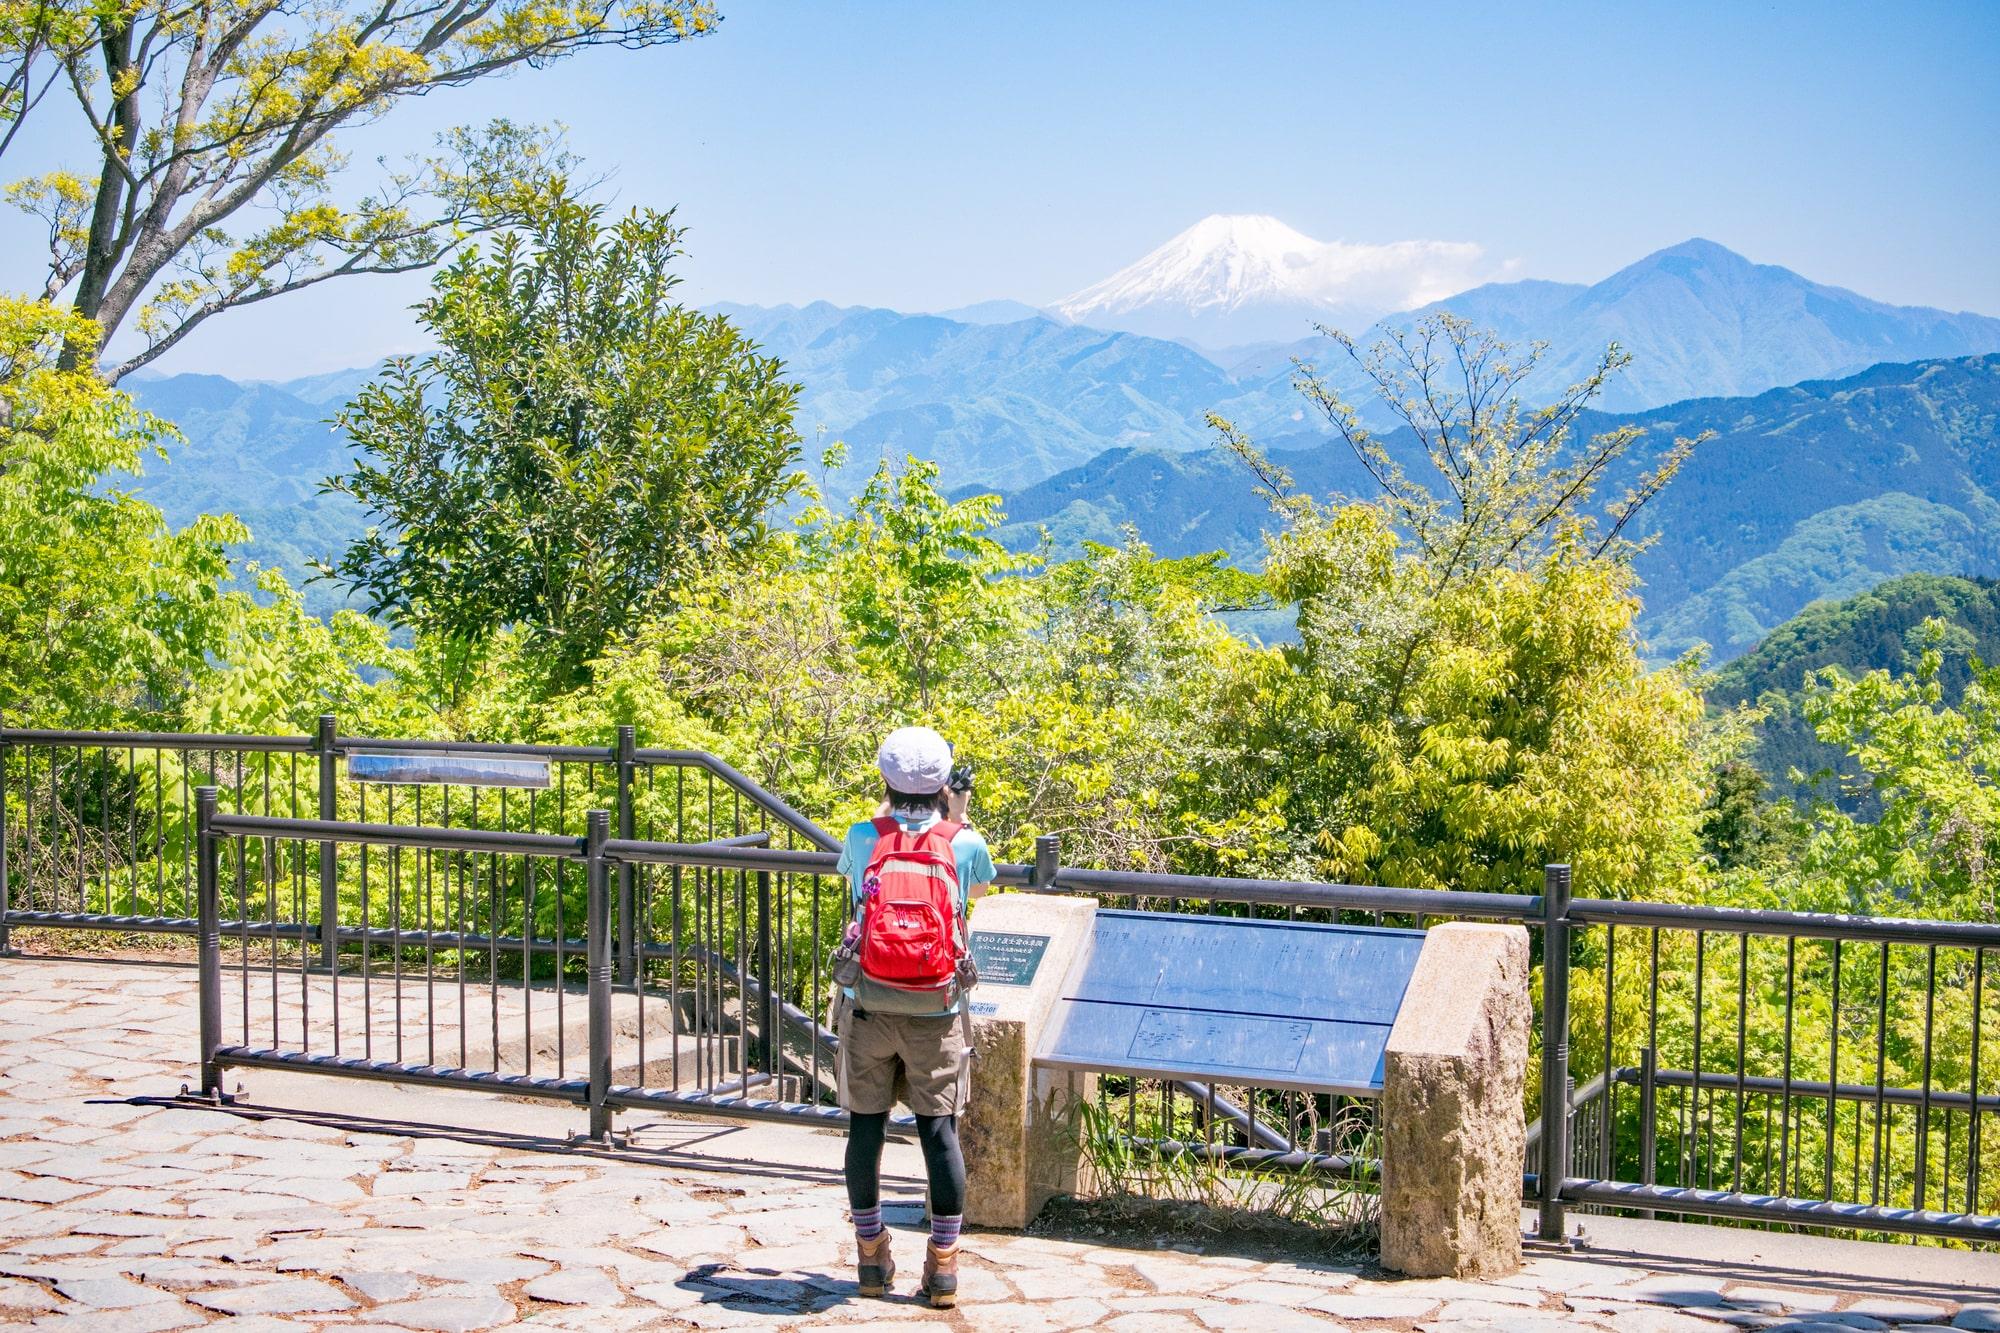 高尾山、一言でまとめると、「ちょうどいい」山